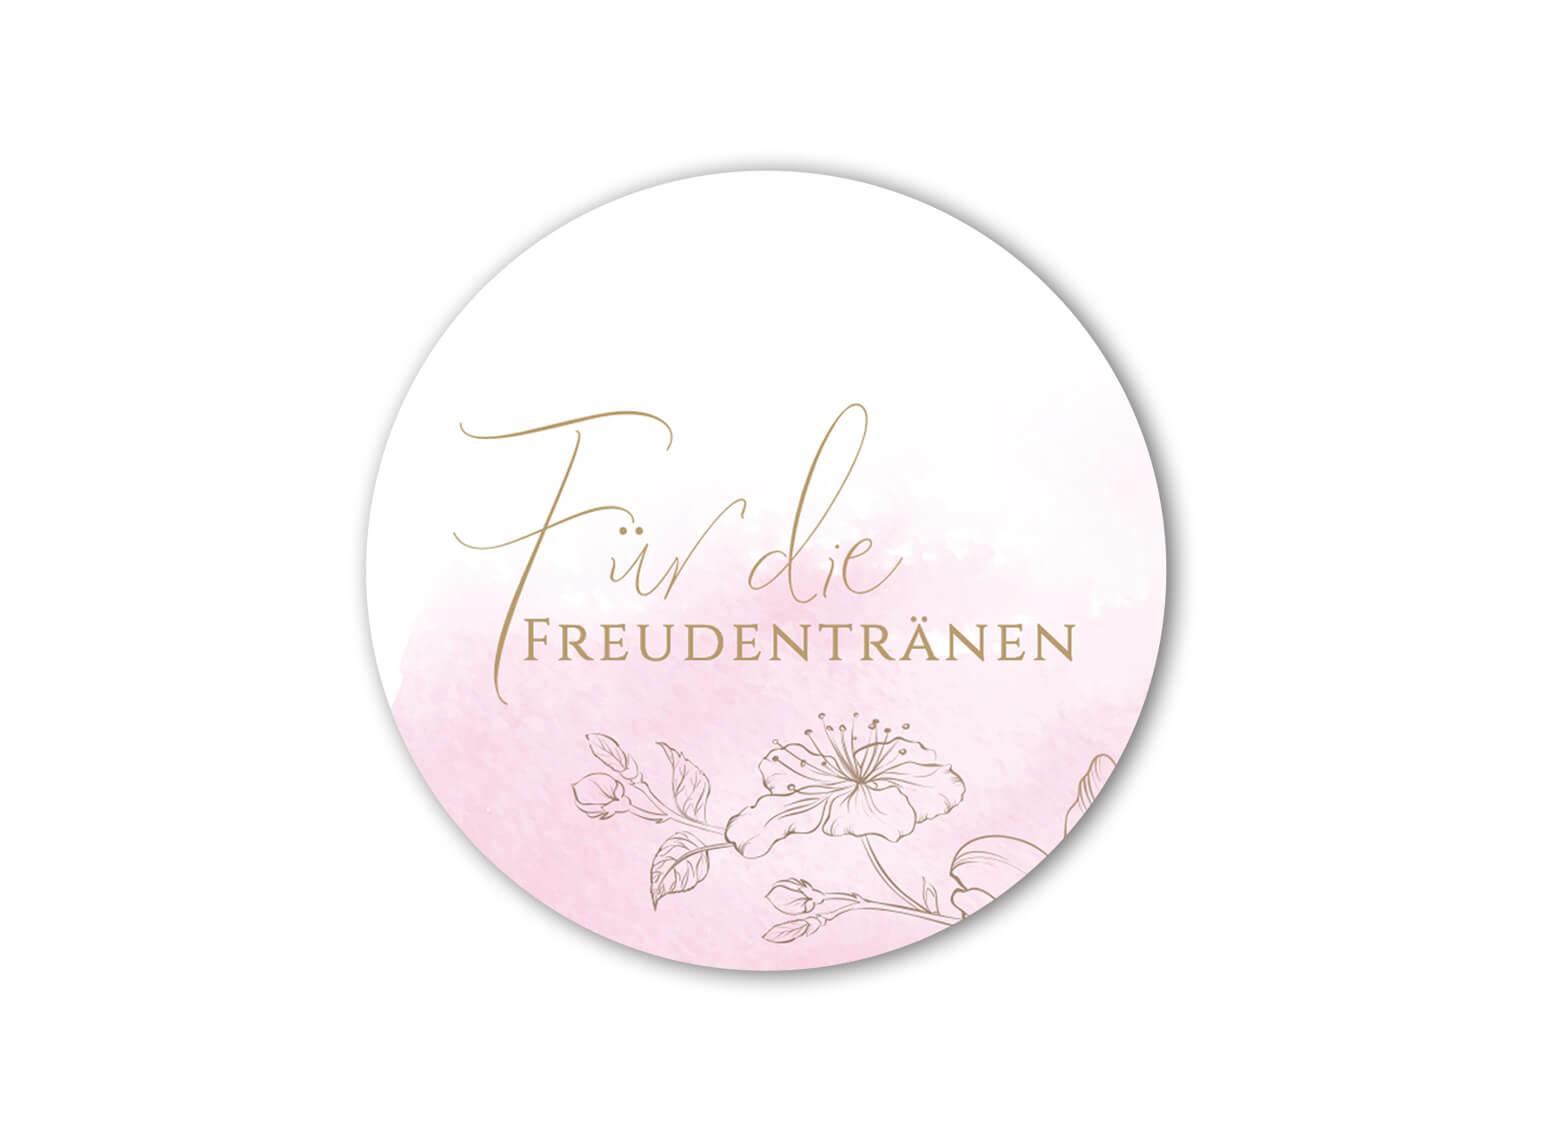 hochzeit-aufkleber-freudentraenen-rosa-aquarell-gold-blumen_rund_MP0013-3.1.1